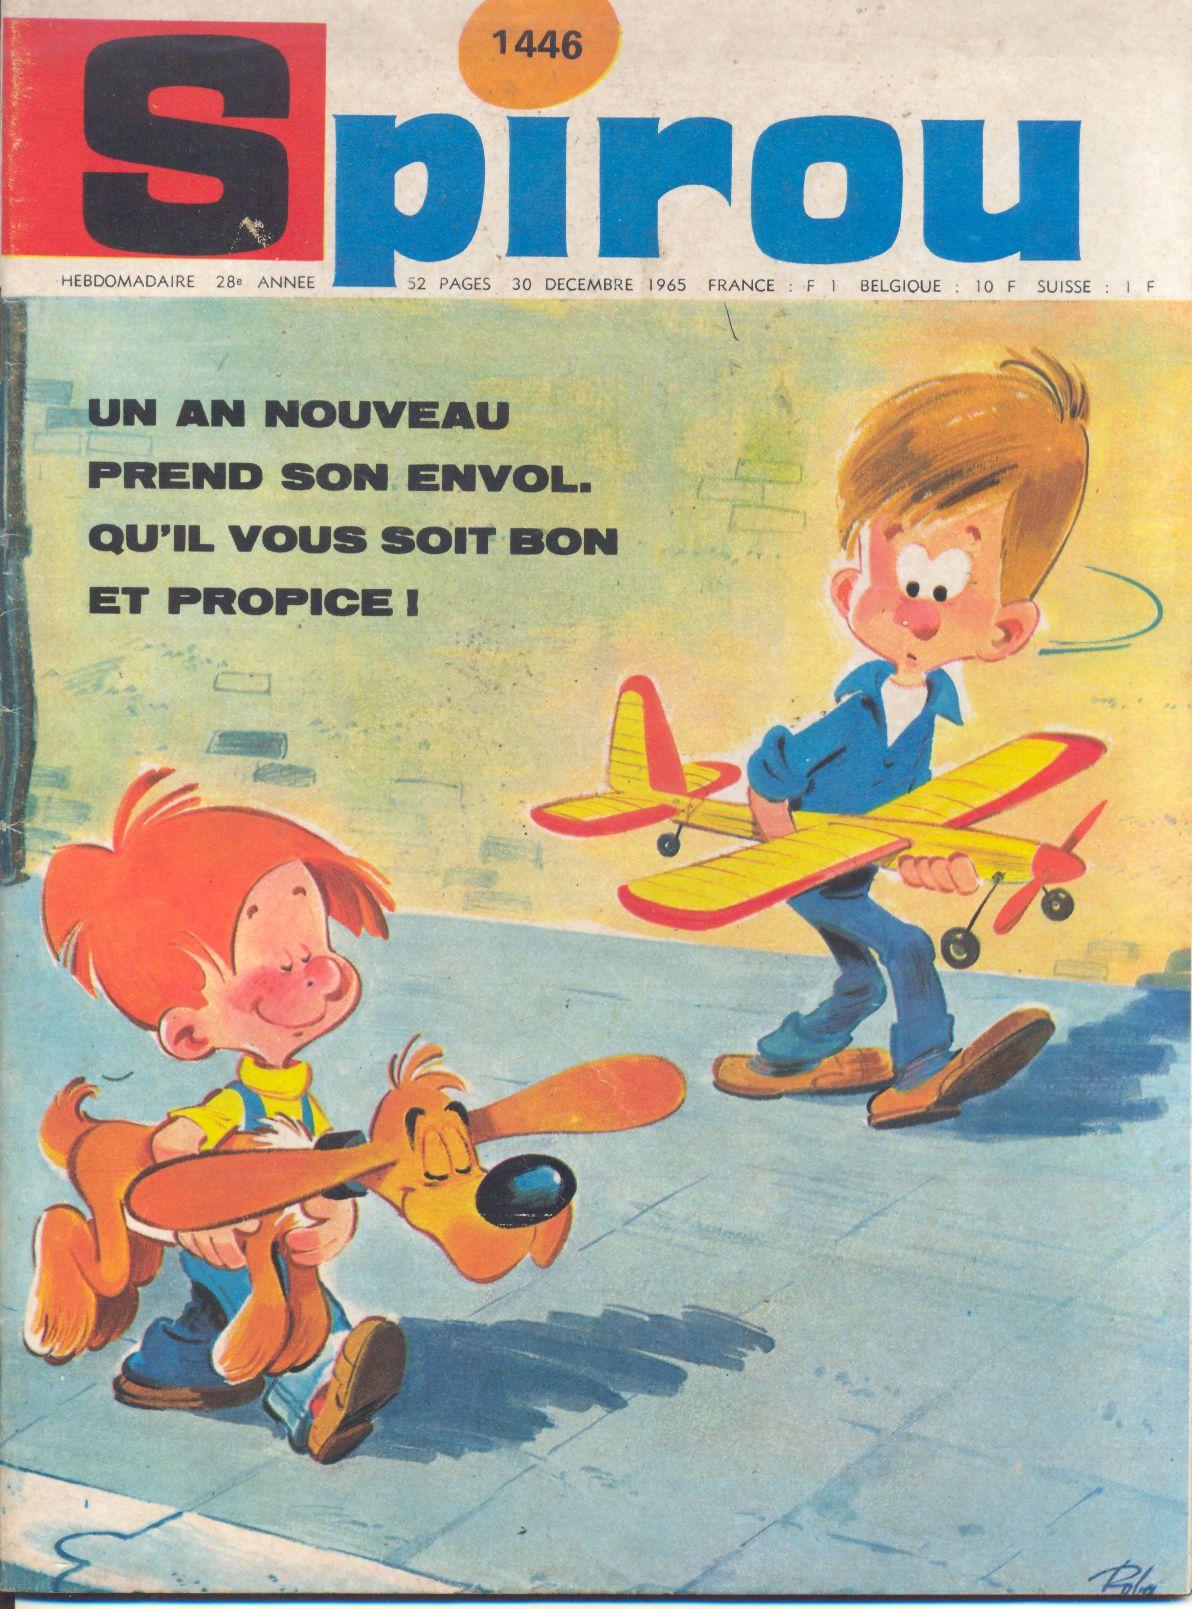 Le journal de Spirou 1446